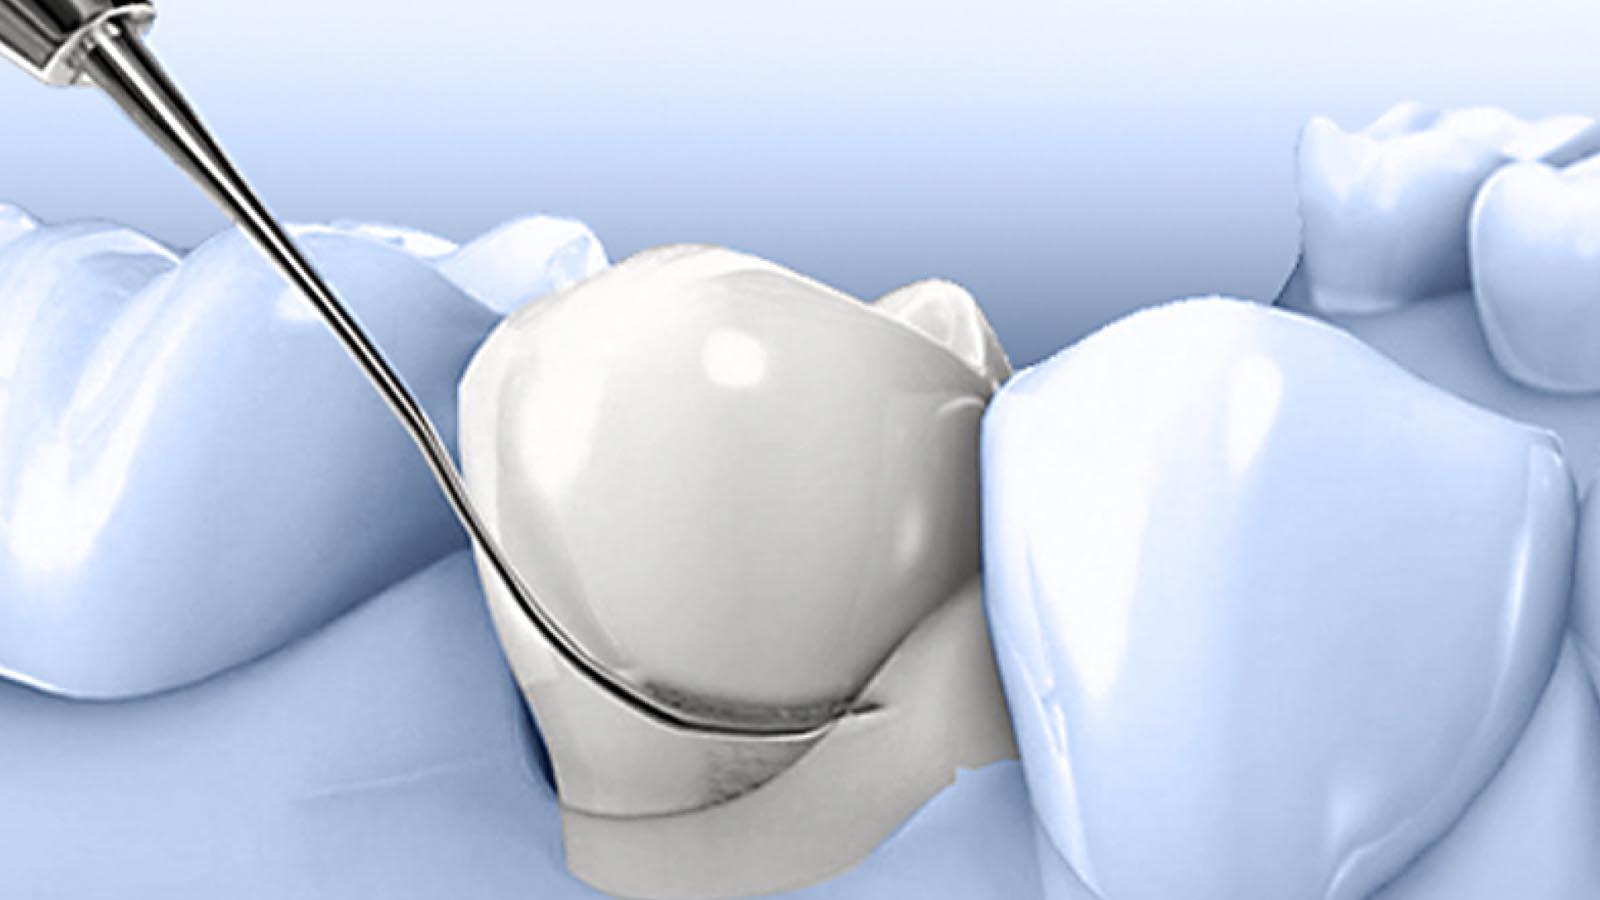 Paradontologie - mijn tand tandarts hengelo